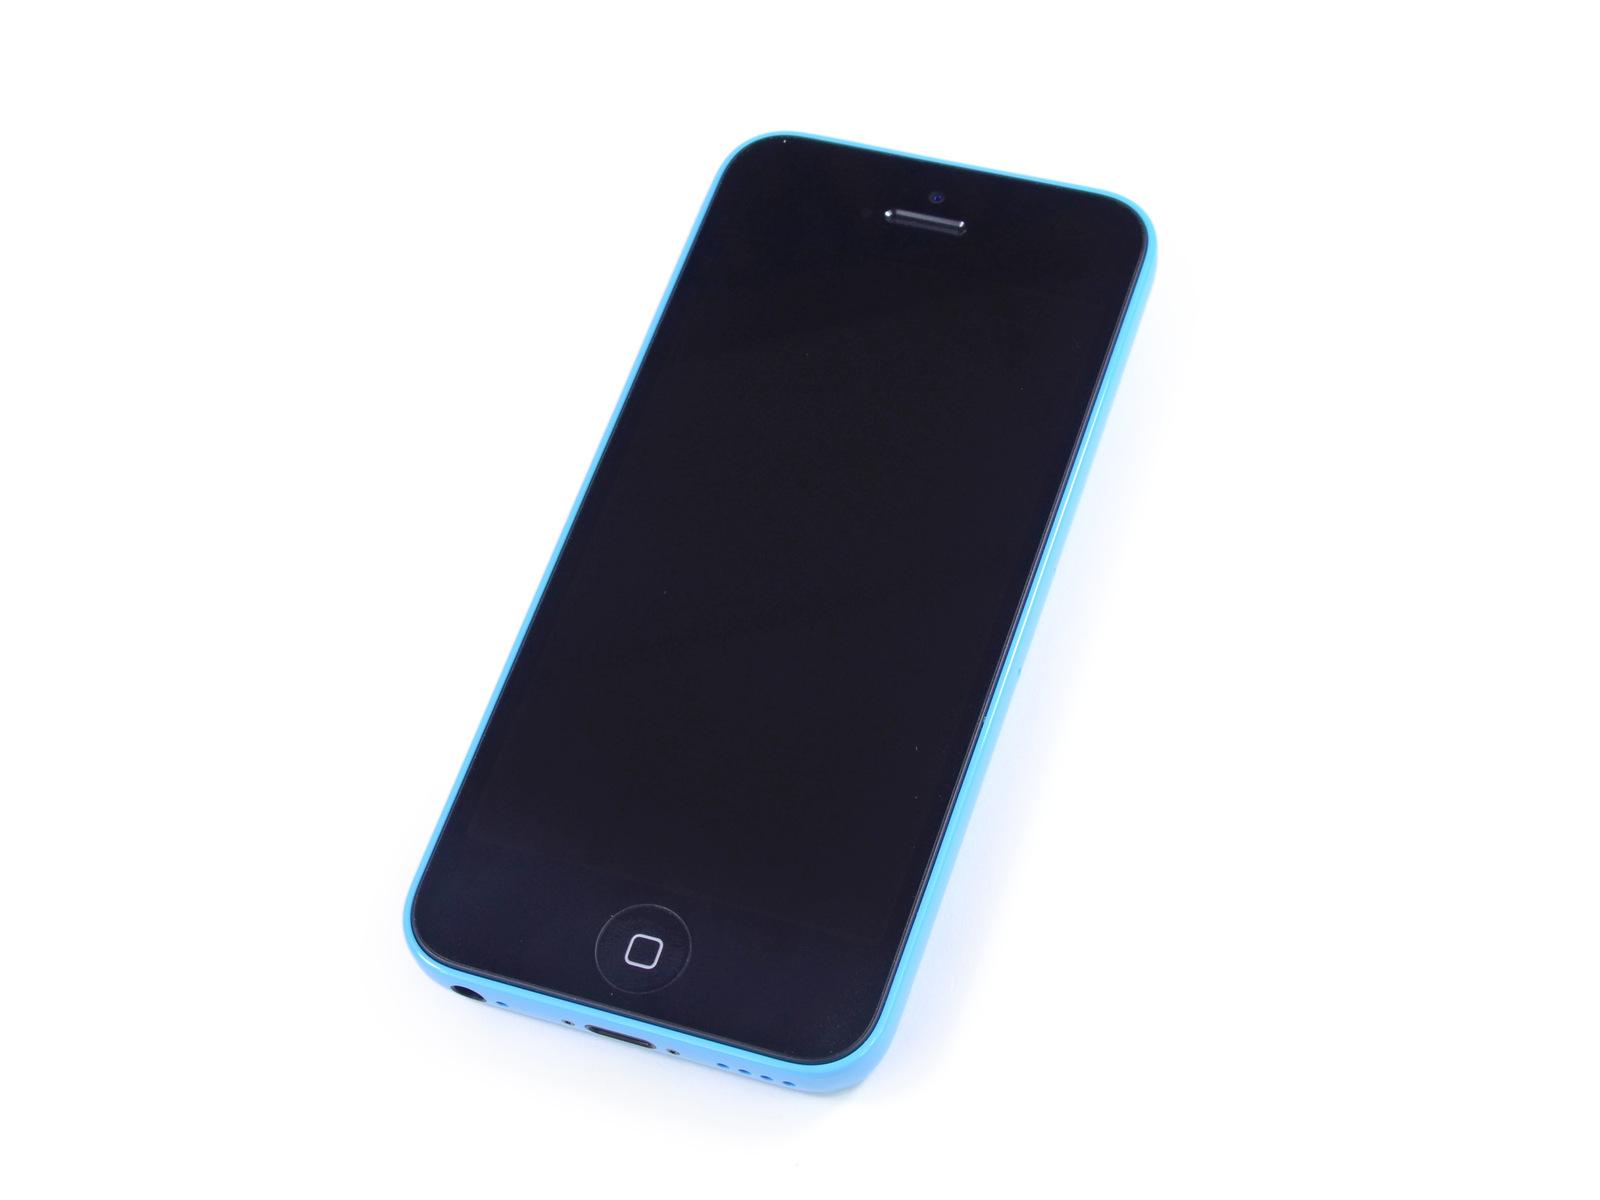 Desmontagem do iPhone 5c azul - iFixit